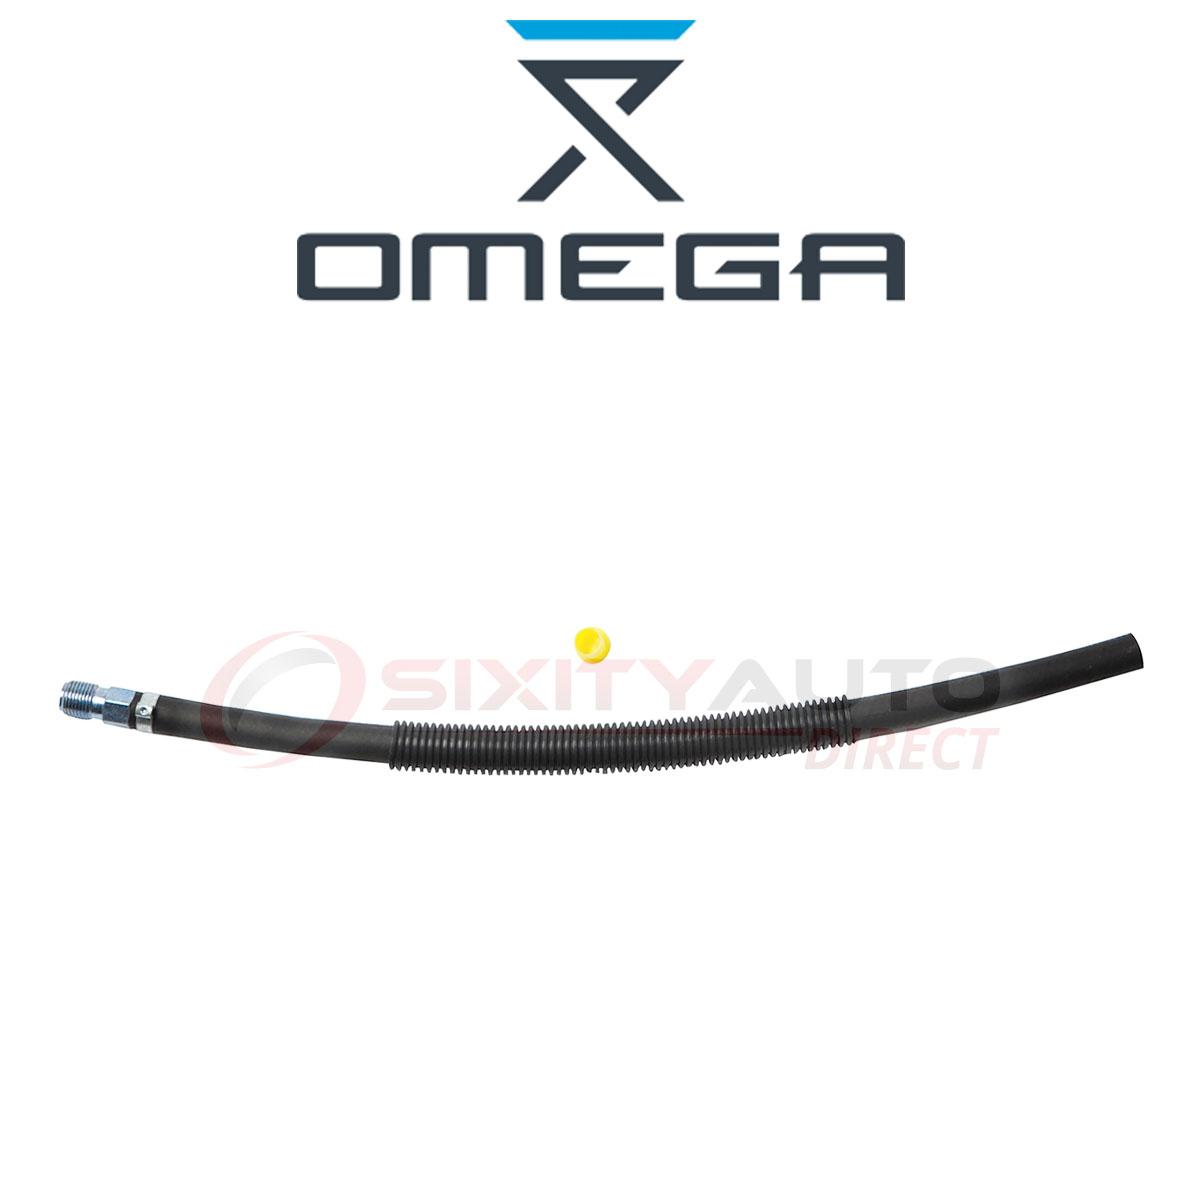 Omega From Gear Power Steering Return Line Hose For